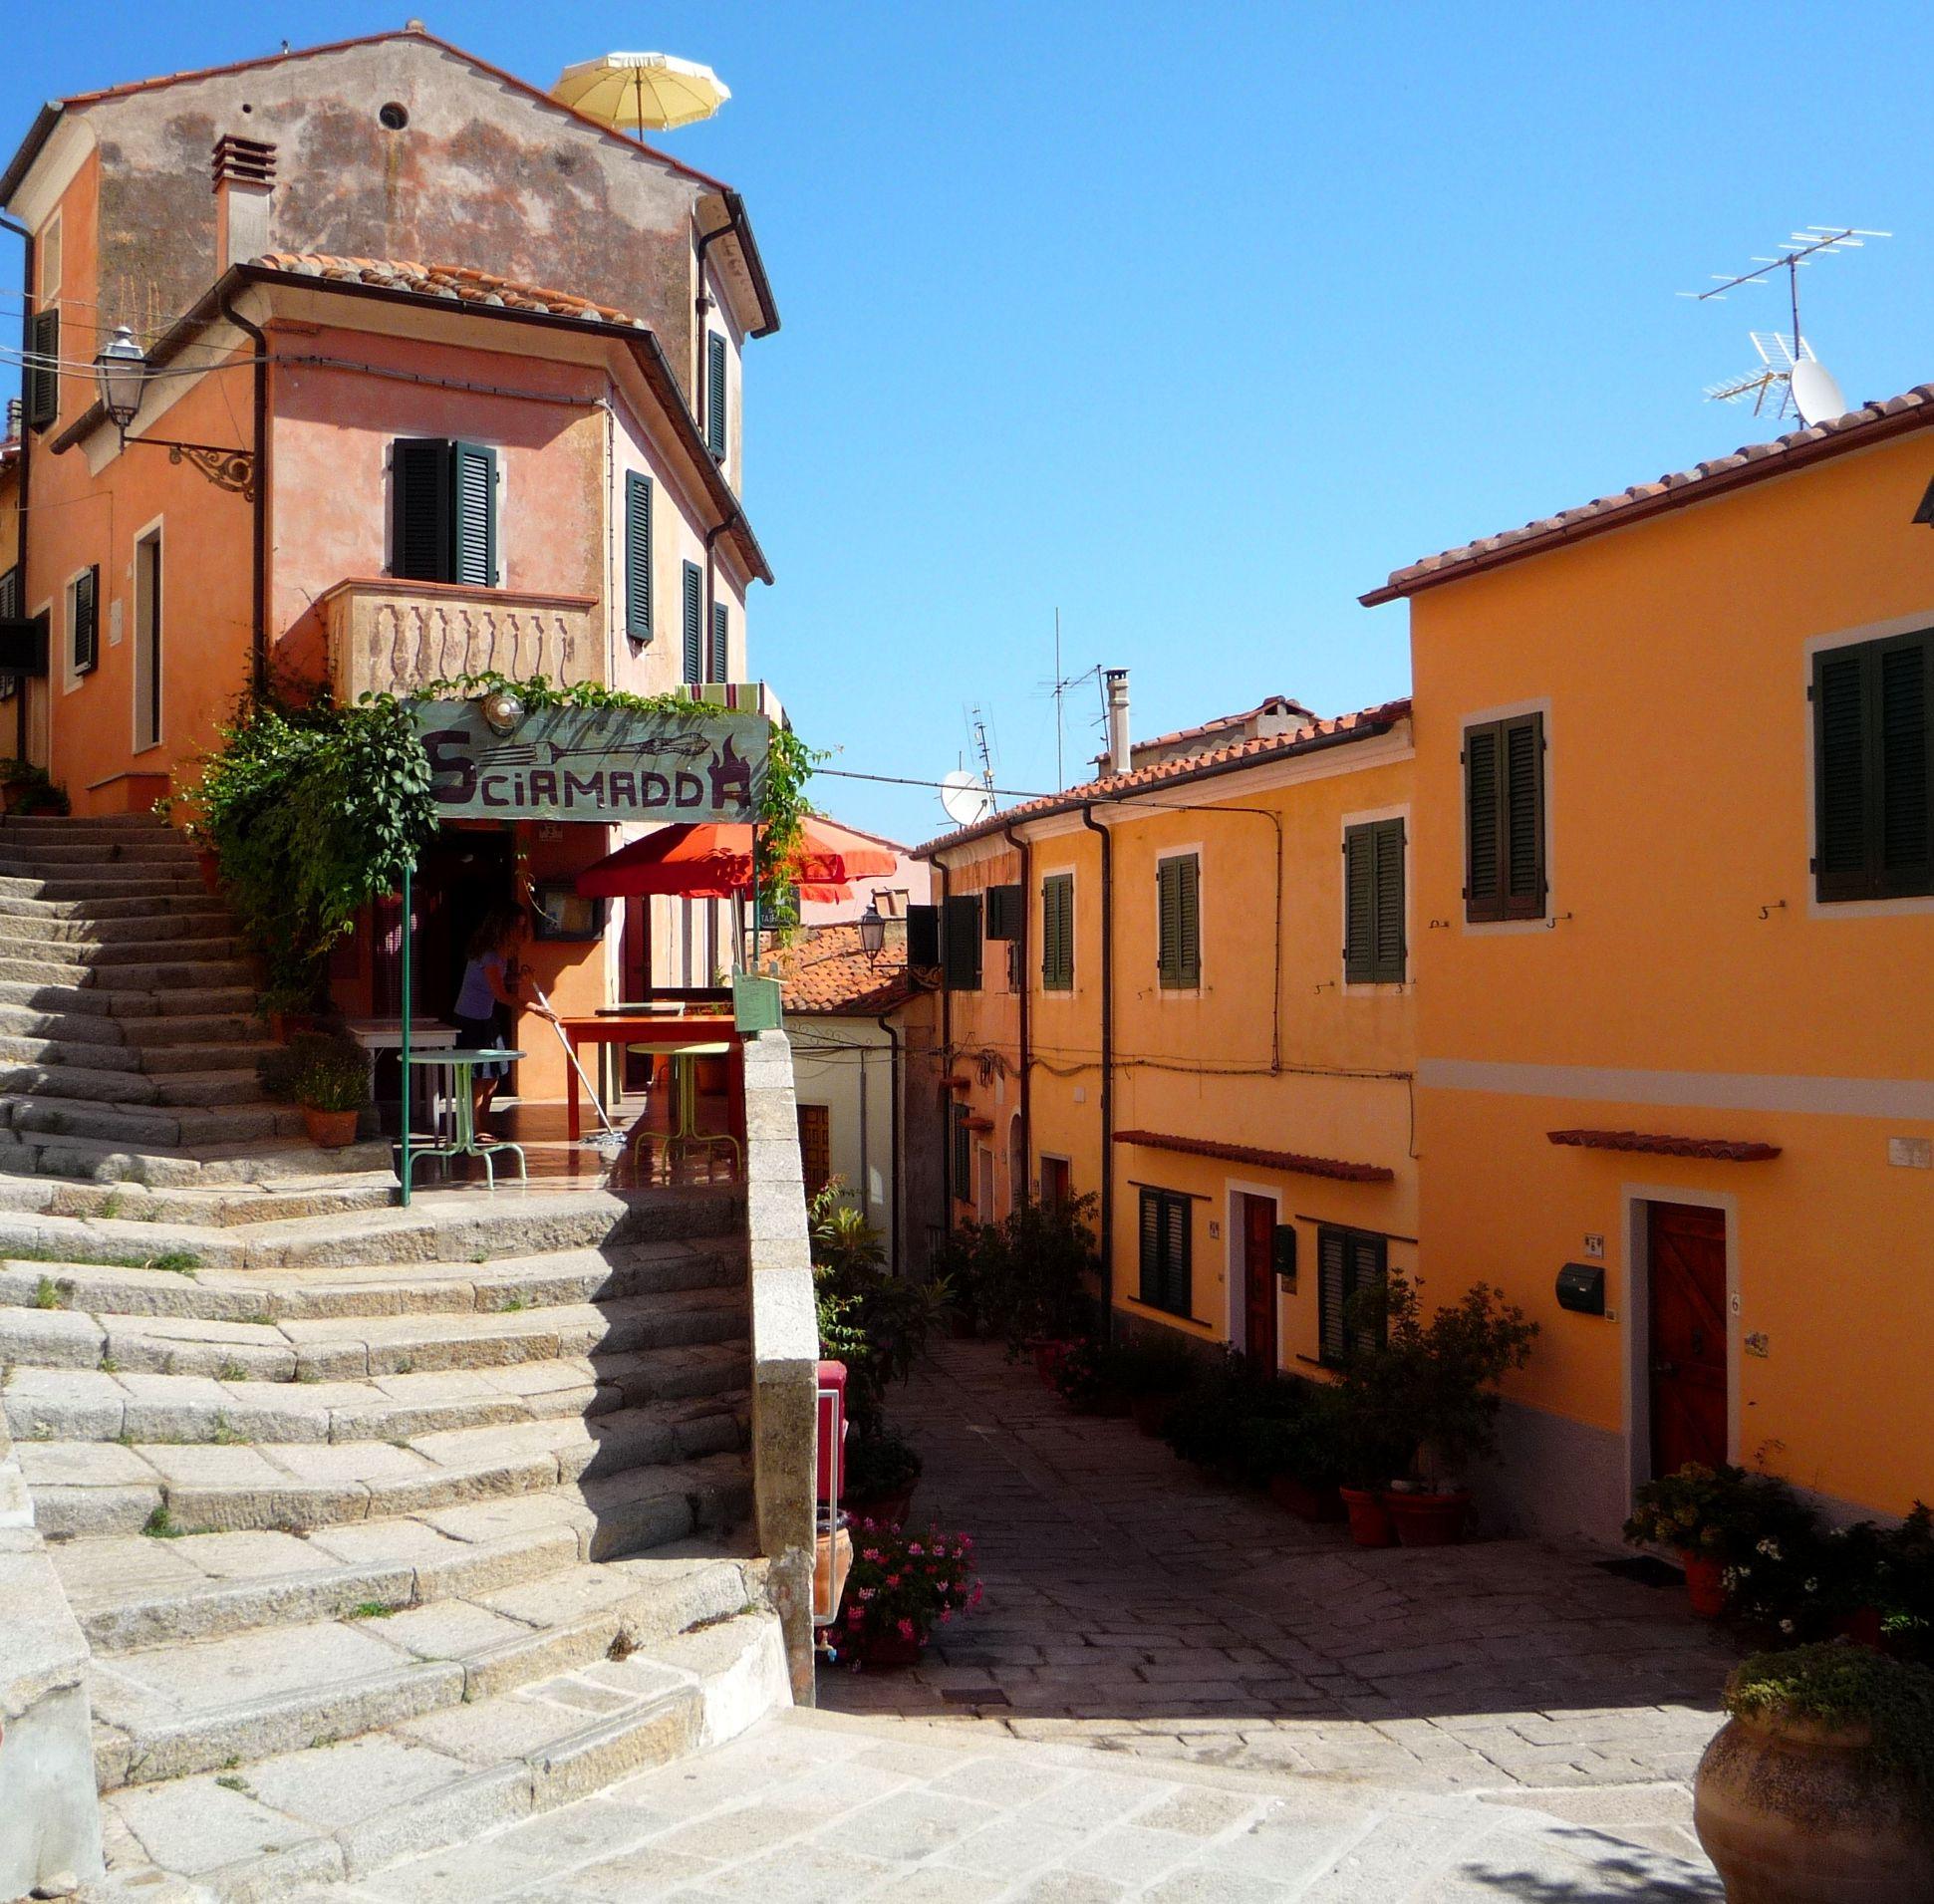 Isola d'Elba 풍경화, 유화